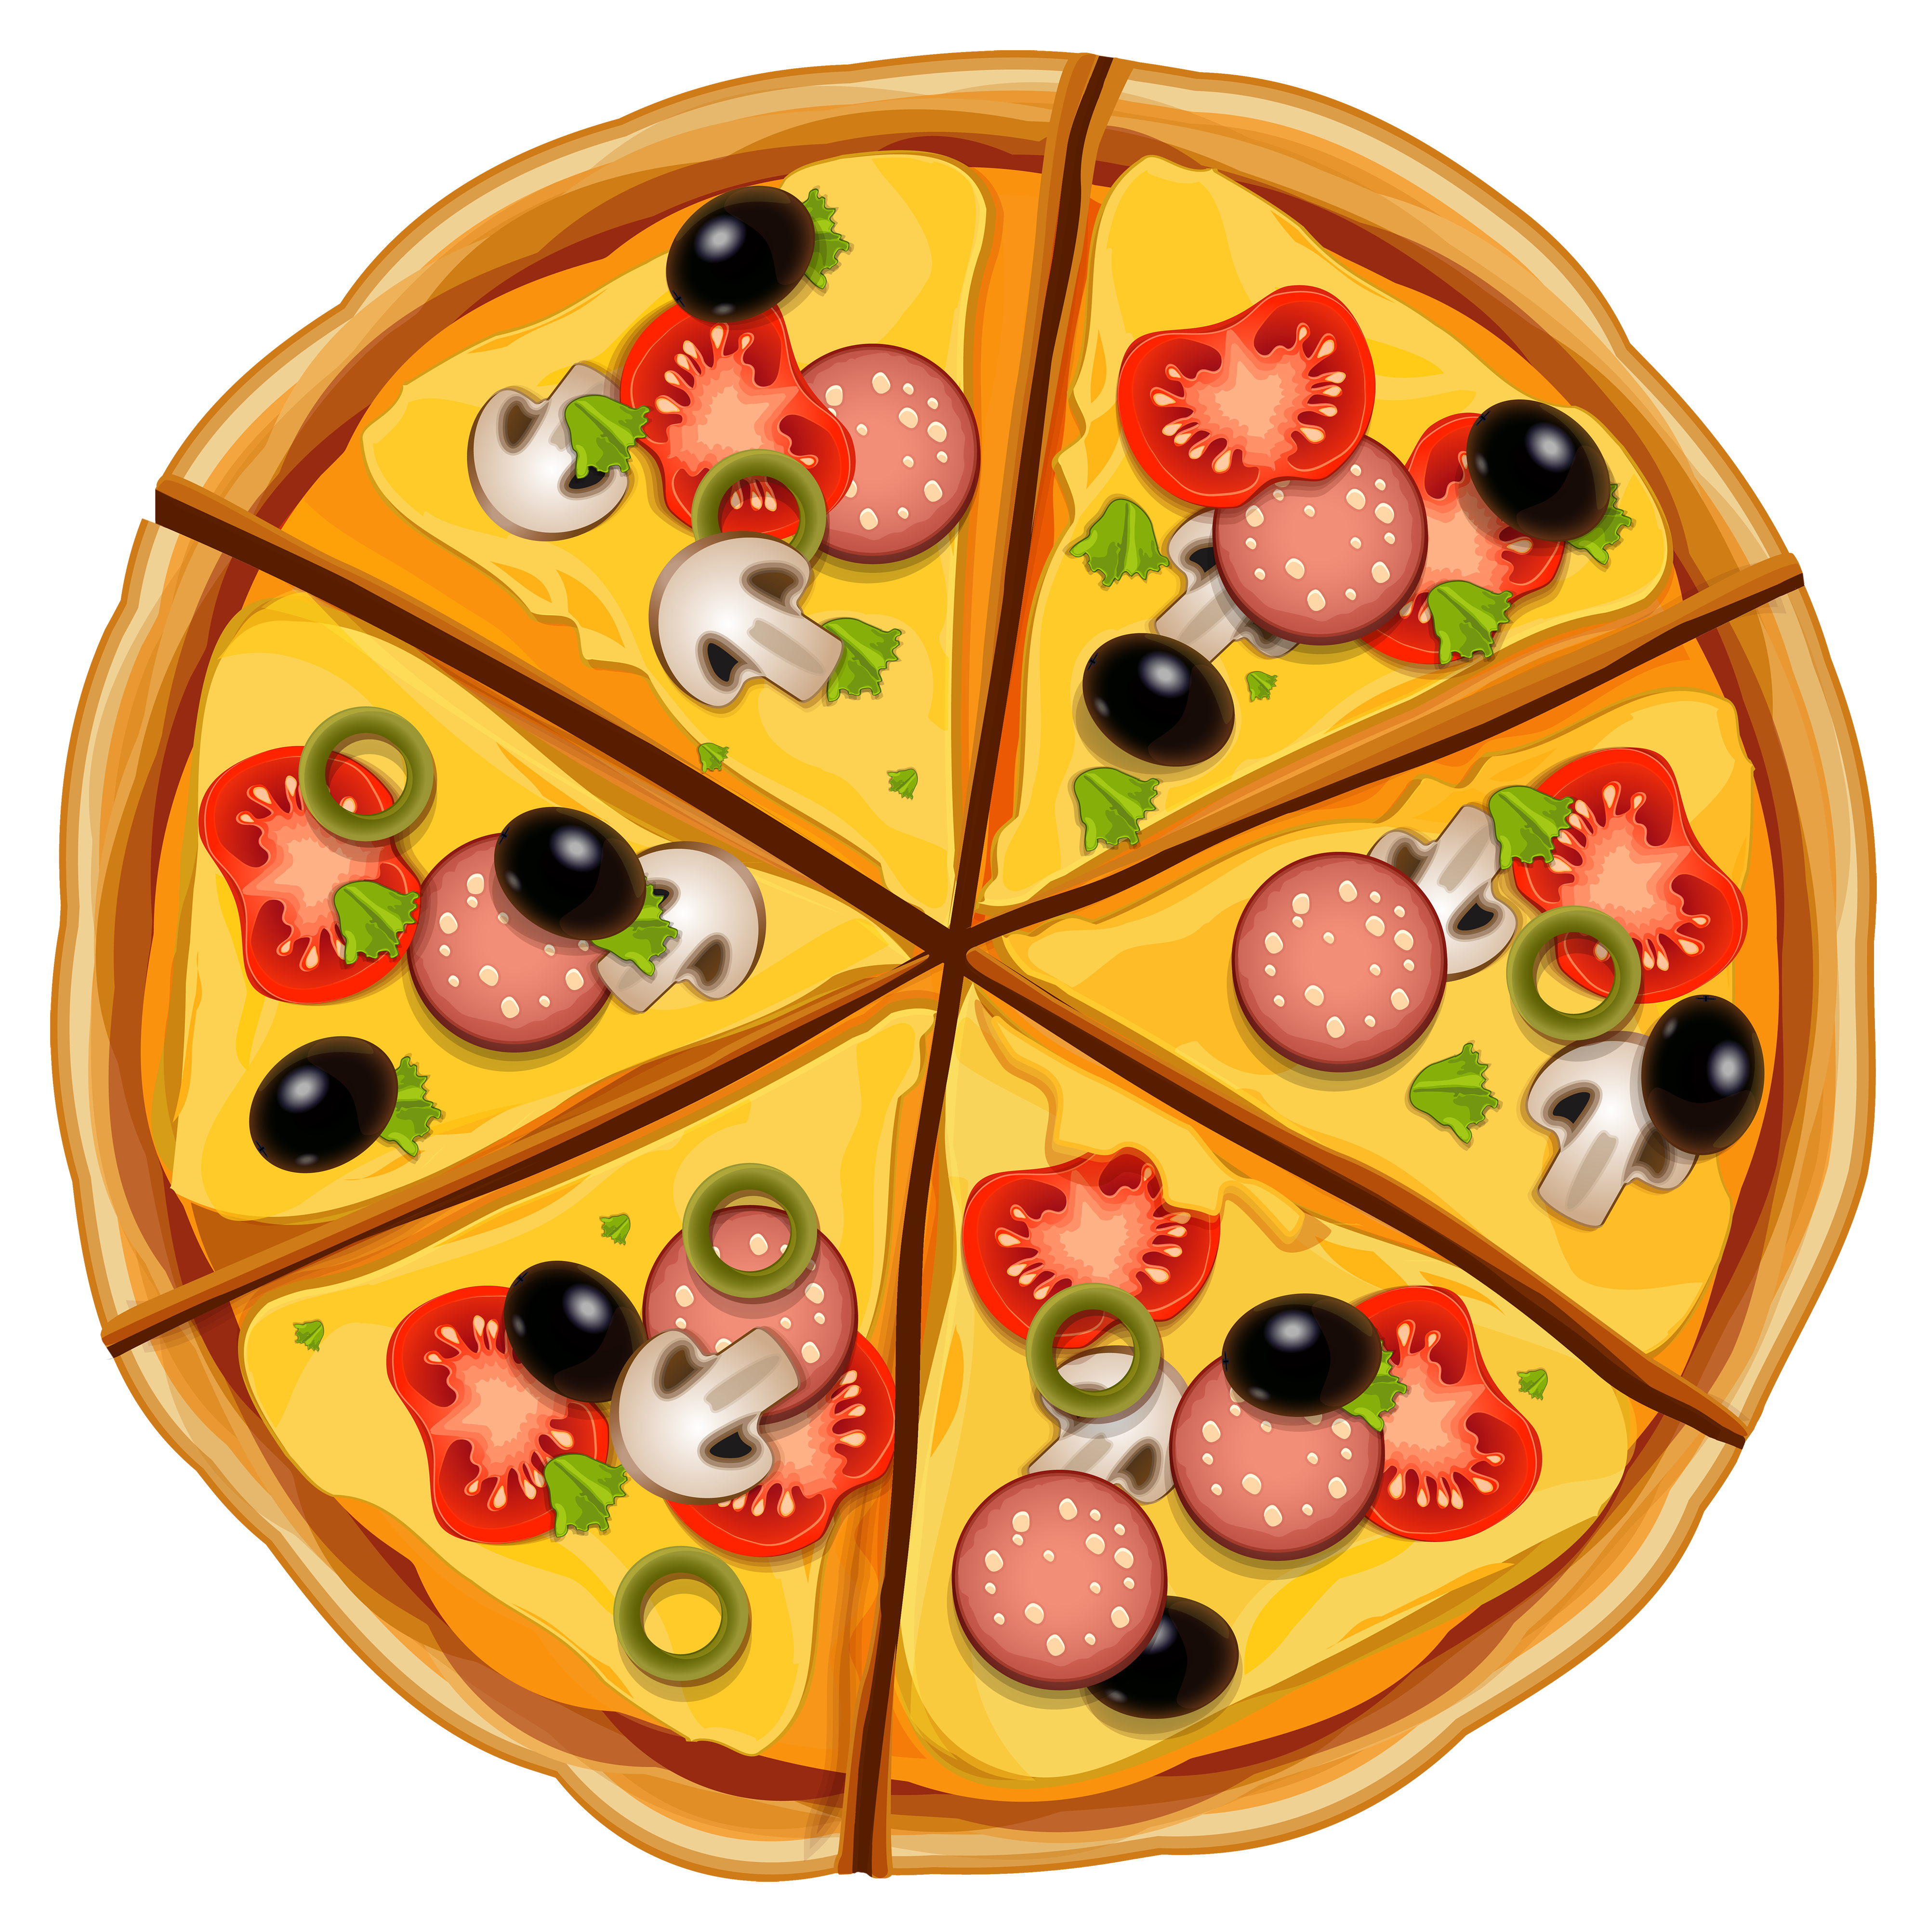 Pizza clip art tumundografico 3